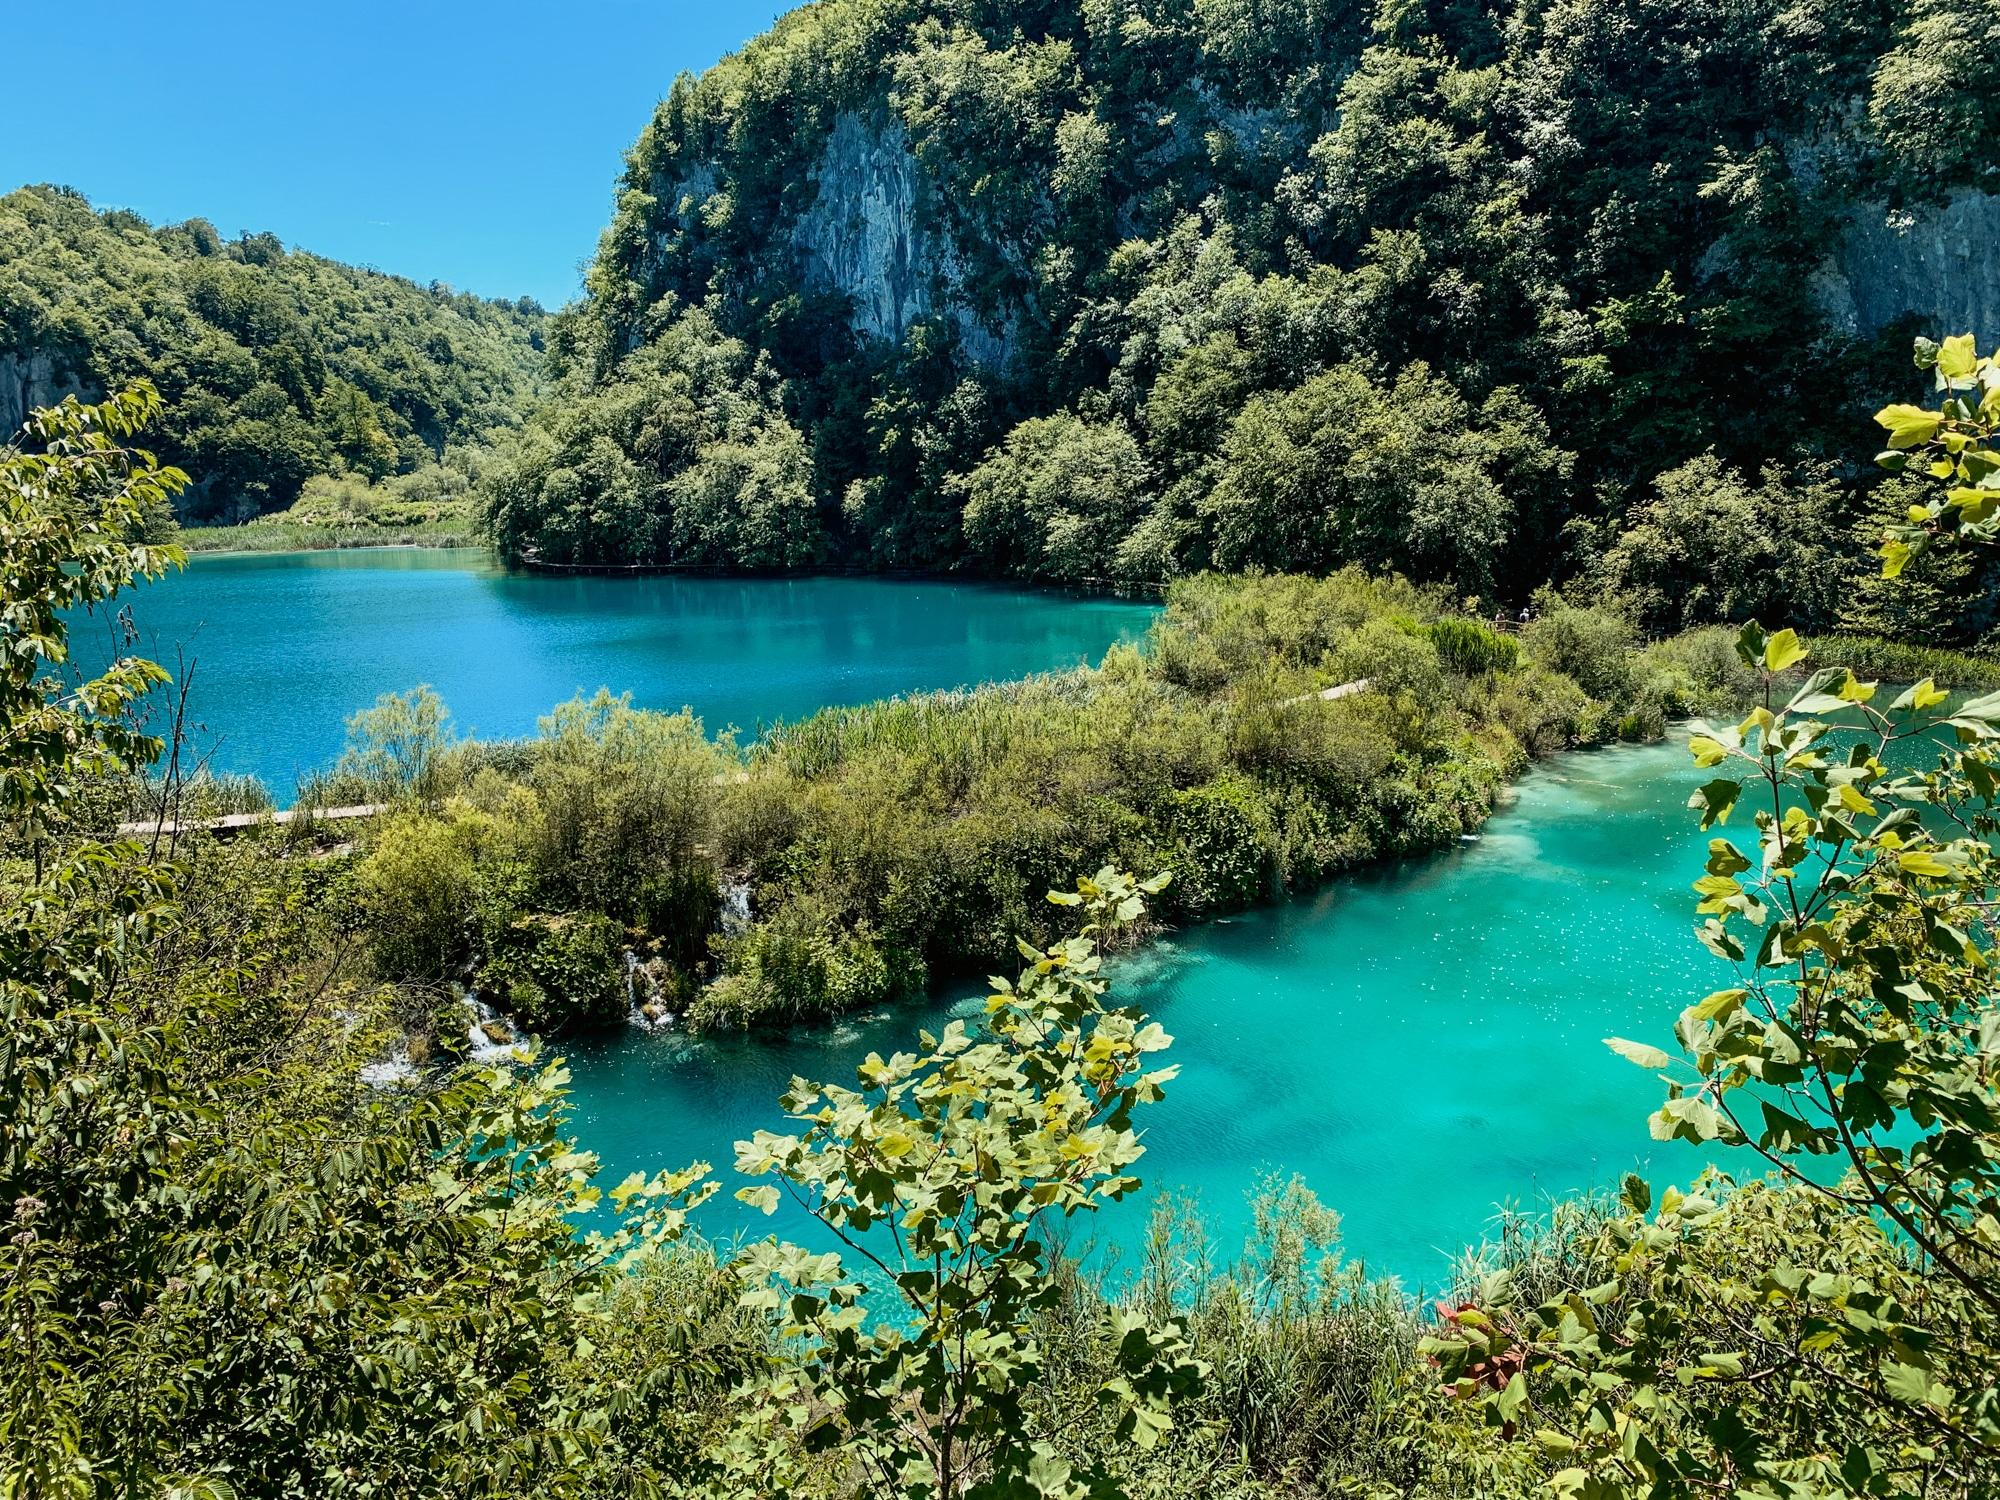 Nationalpark Plitvicer Seen: Tipps für den schönsten Kroatien Nationalpark - klares Wasser der Seen